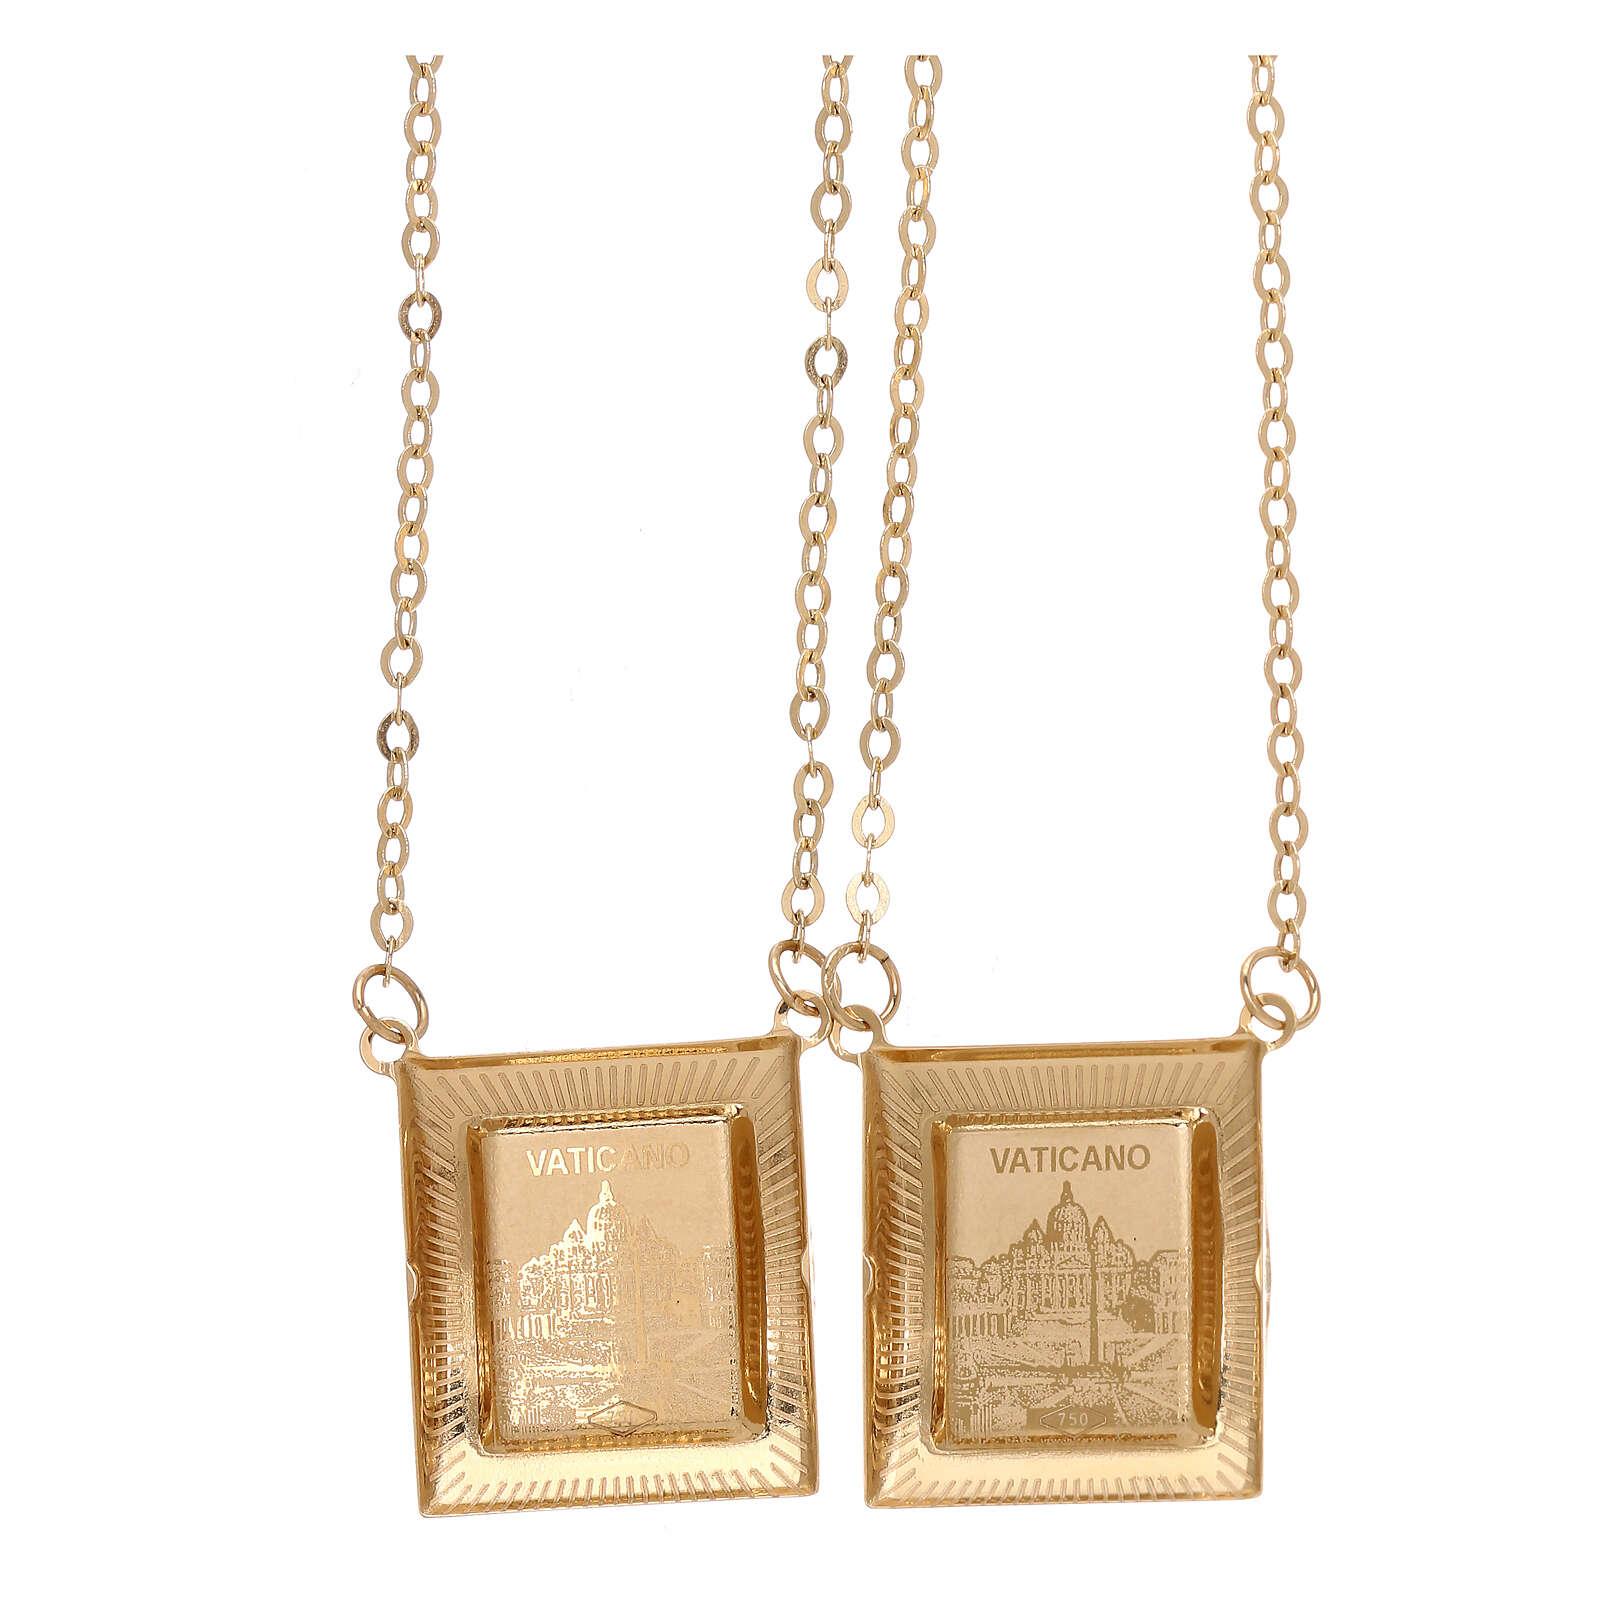 Escapulario oro amarillo 18 k medalla de colores marco griego 4,4 gr 4